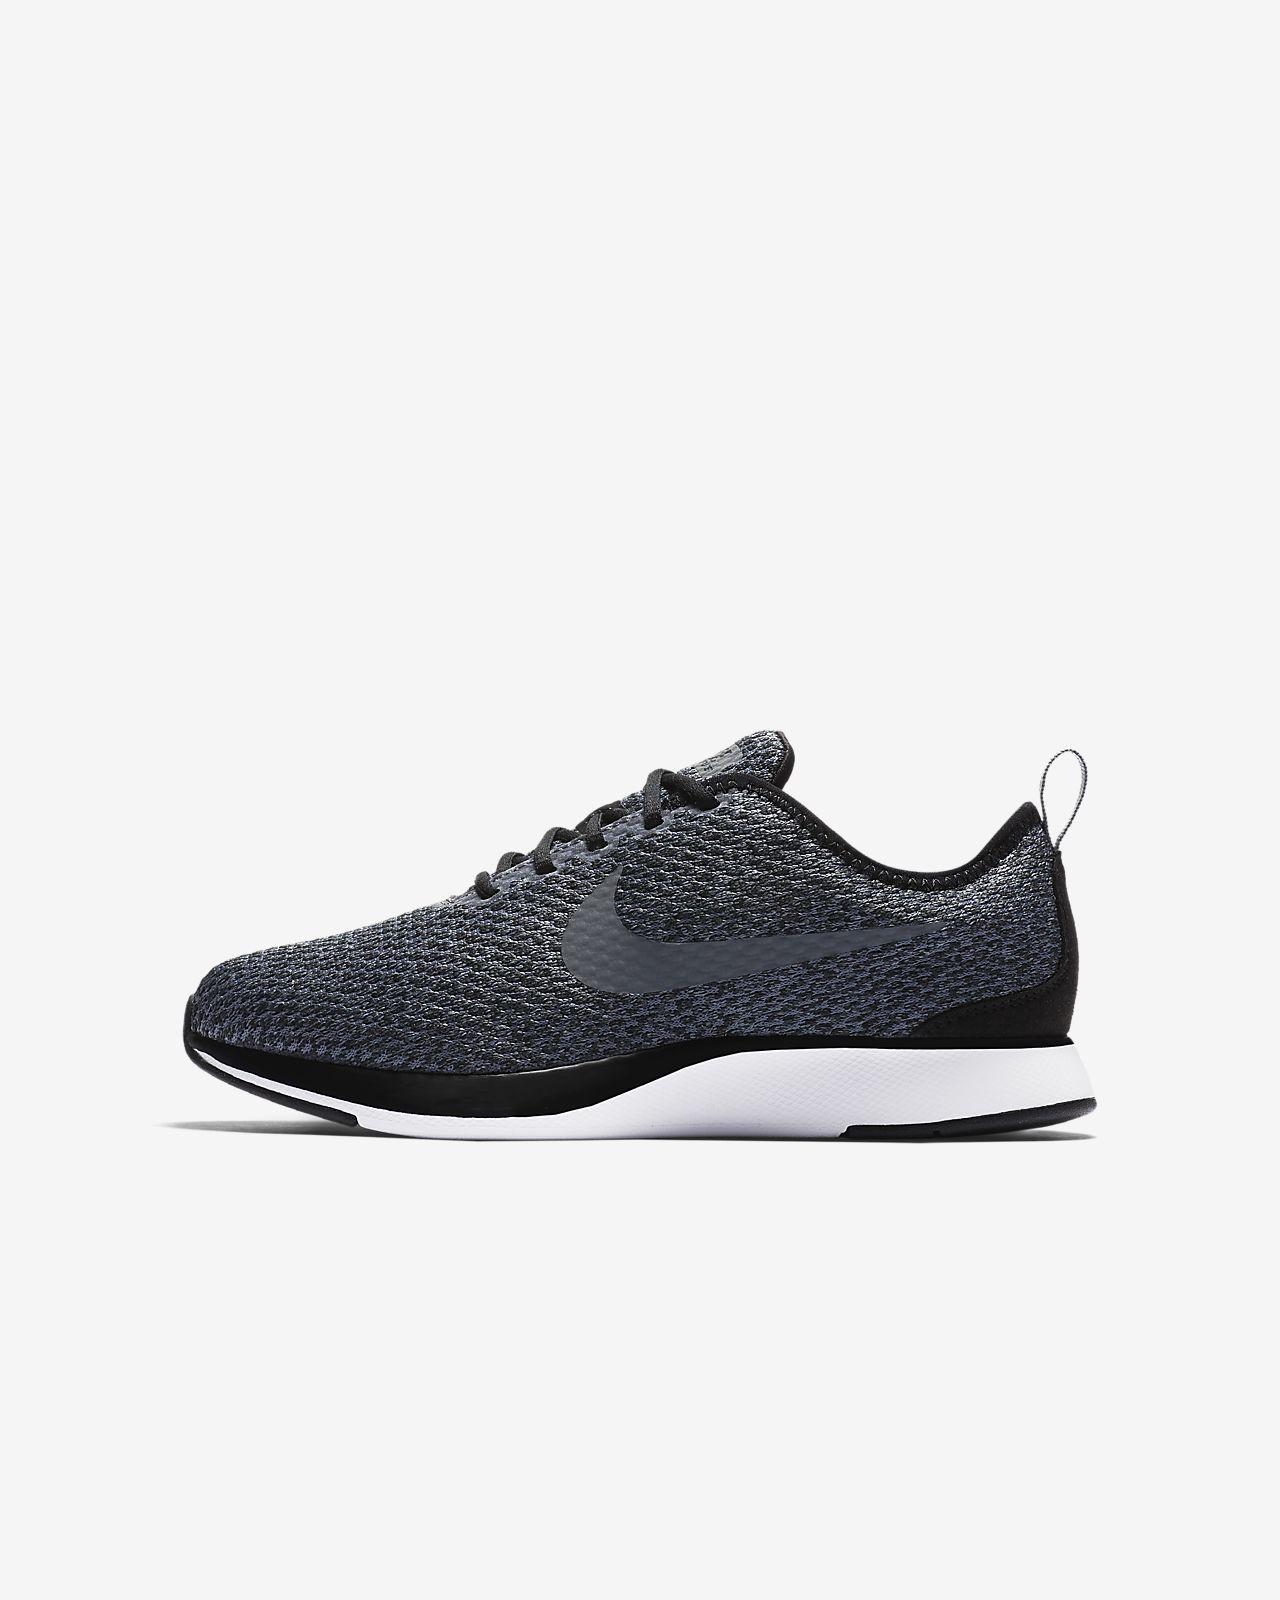 Nike Filles Enfants Chaussures De Sport Course Sneakers Trainers Flexible 5 Se XWkFwFPD